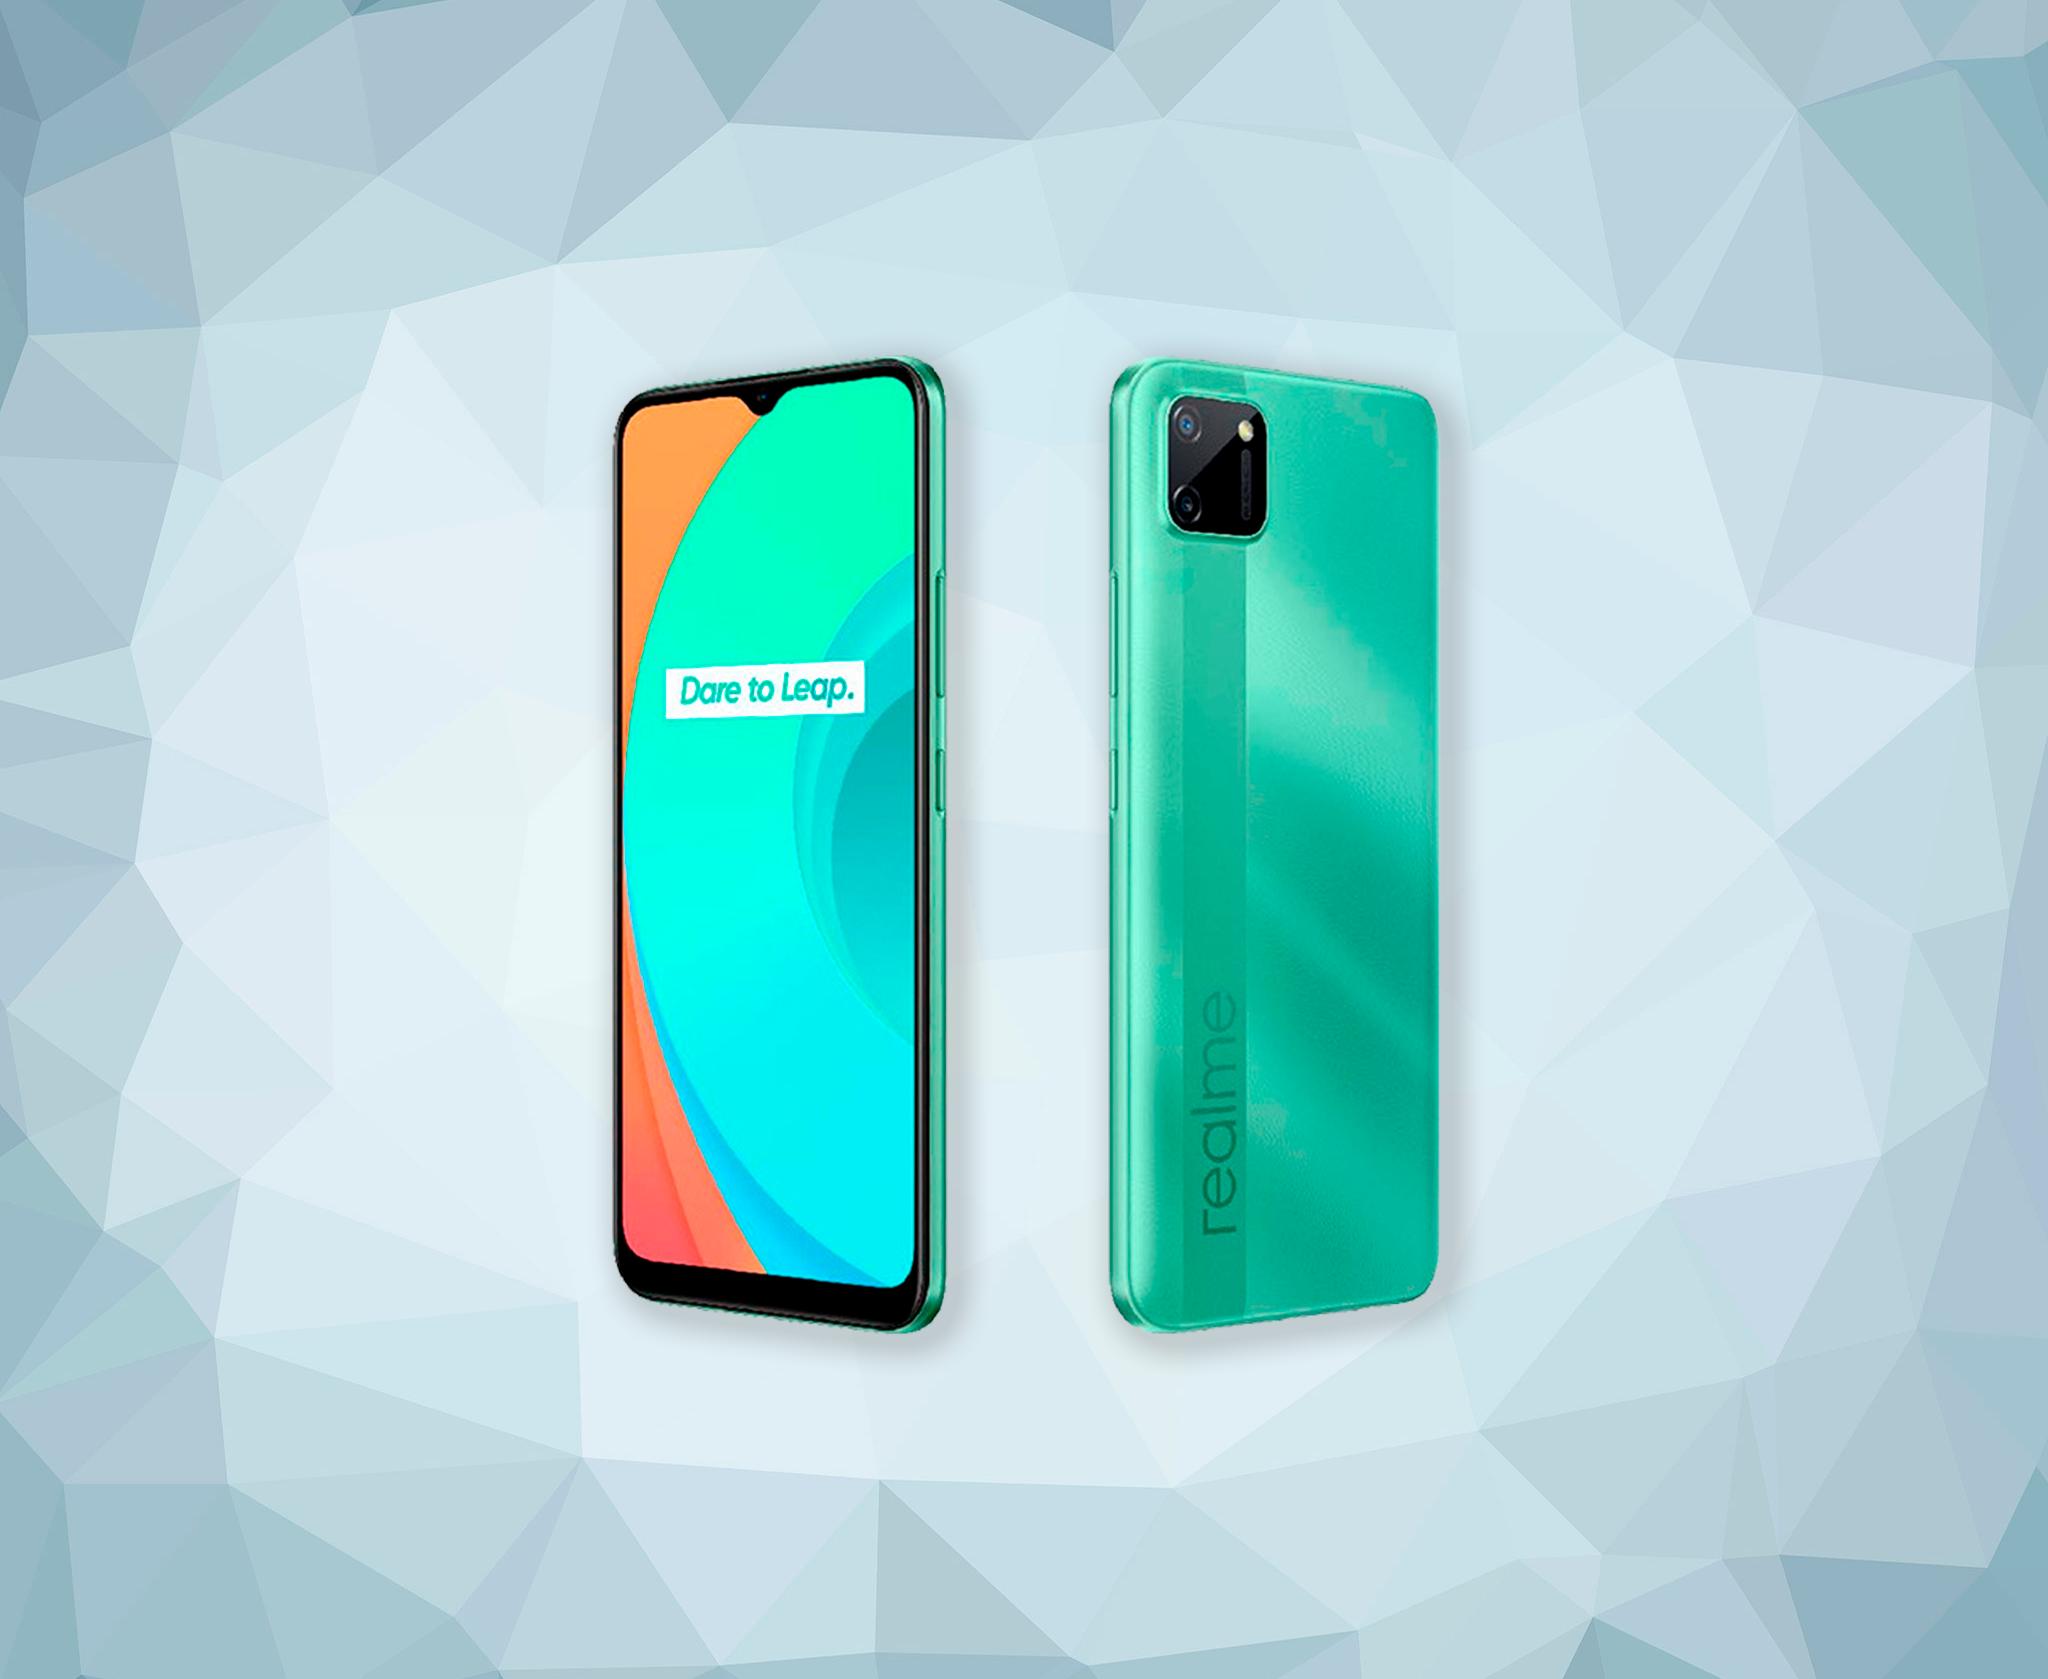 ¿Será el nuevo realme C11 el mejor smartphone barato?